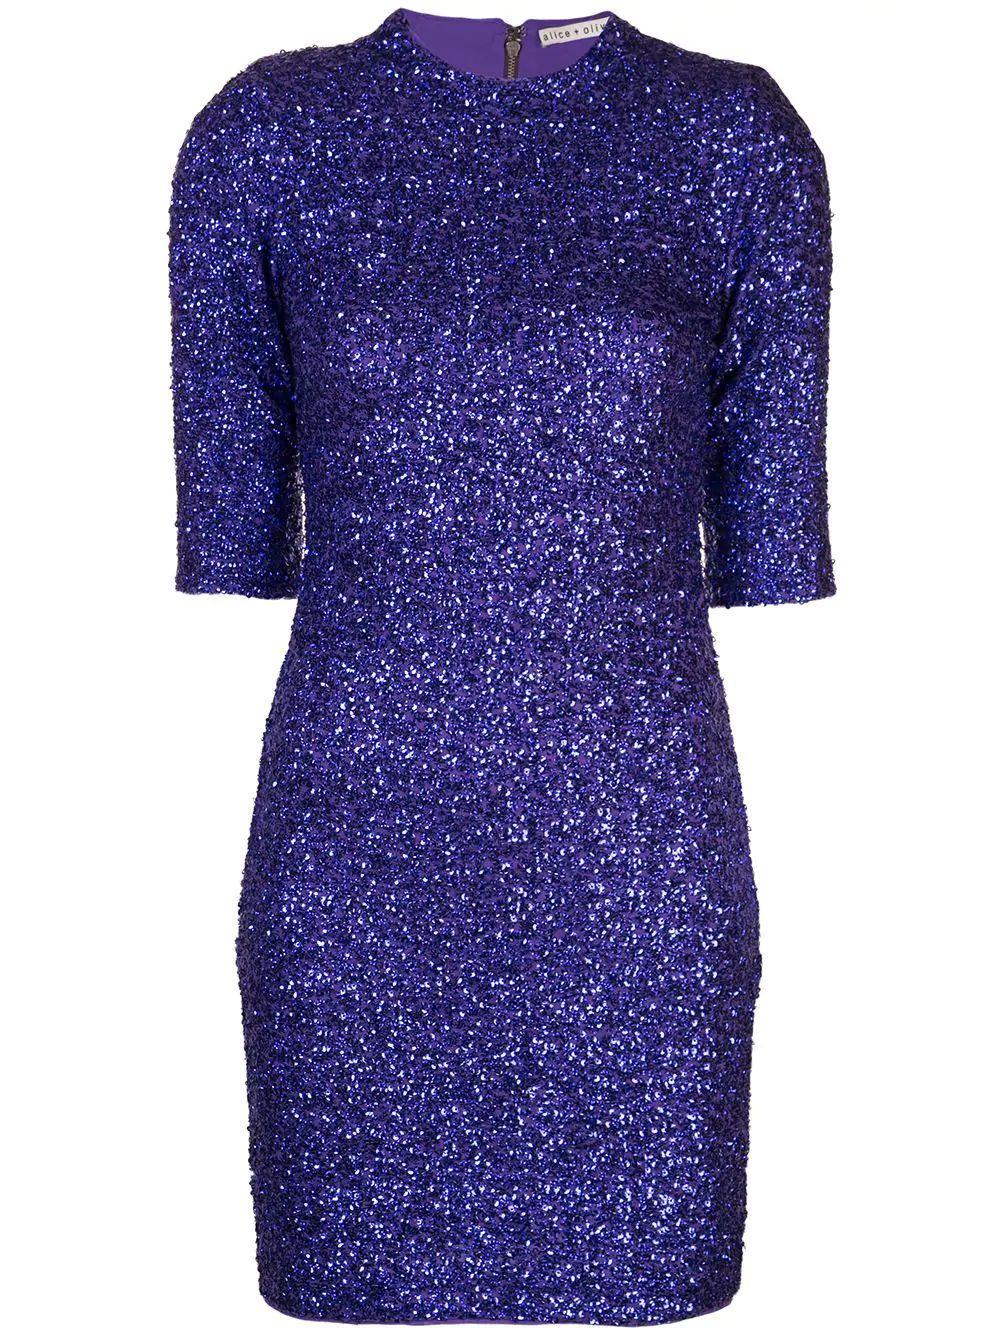 Inka Strong Shoulder Sequin Mini Dress Item # CC910E31537